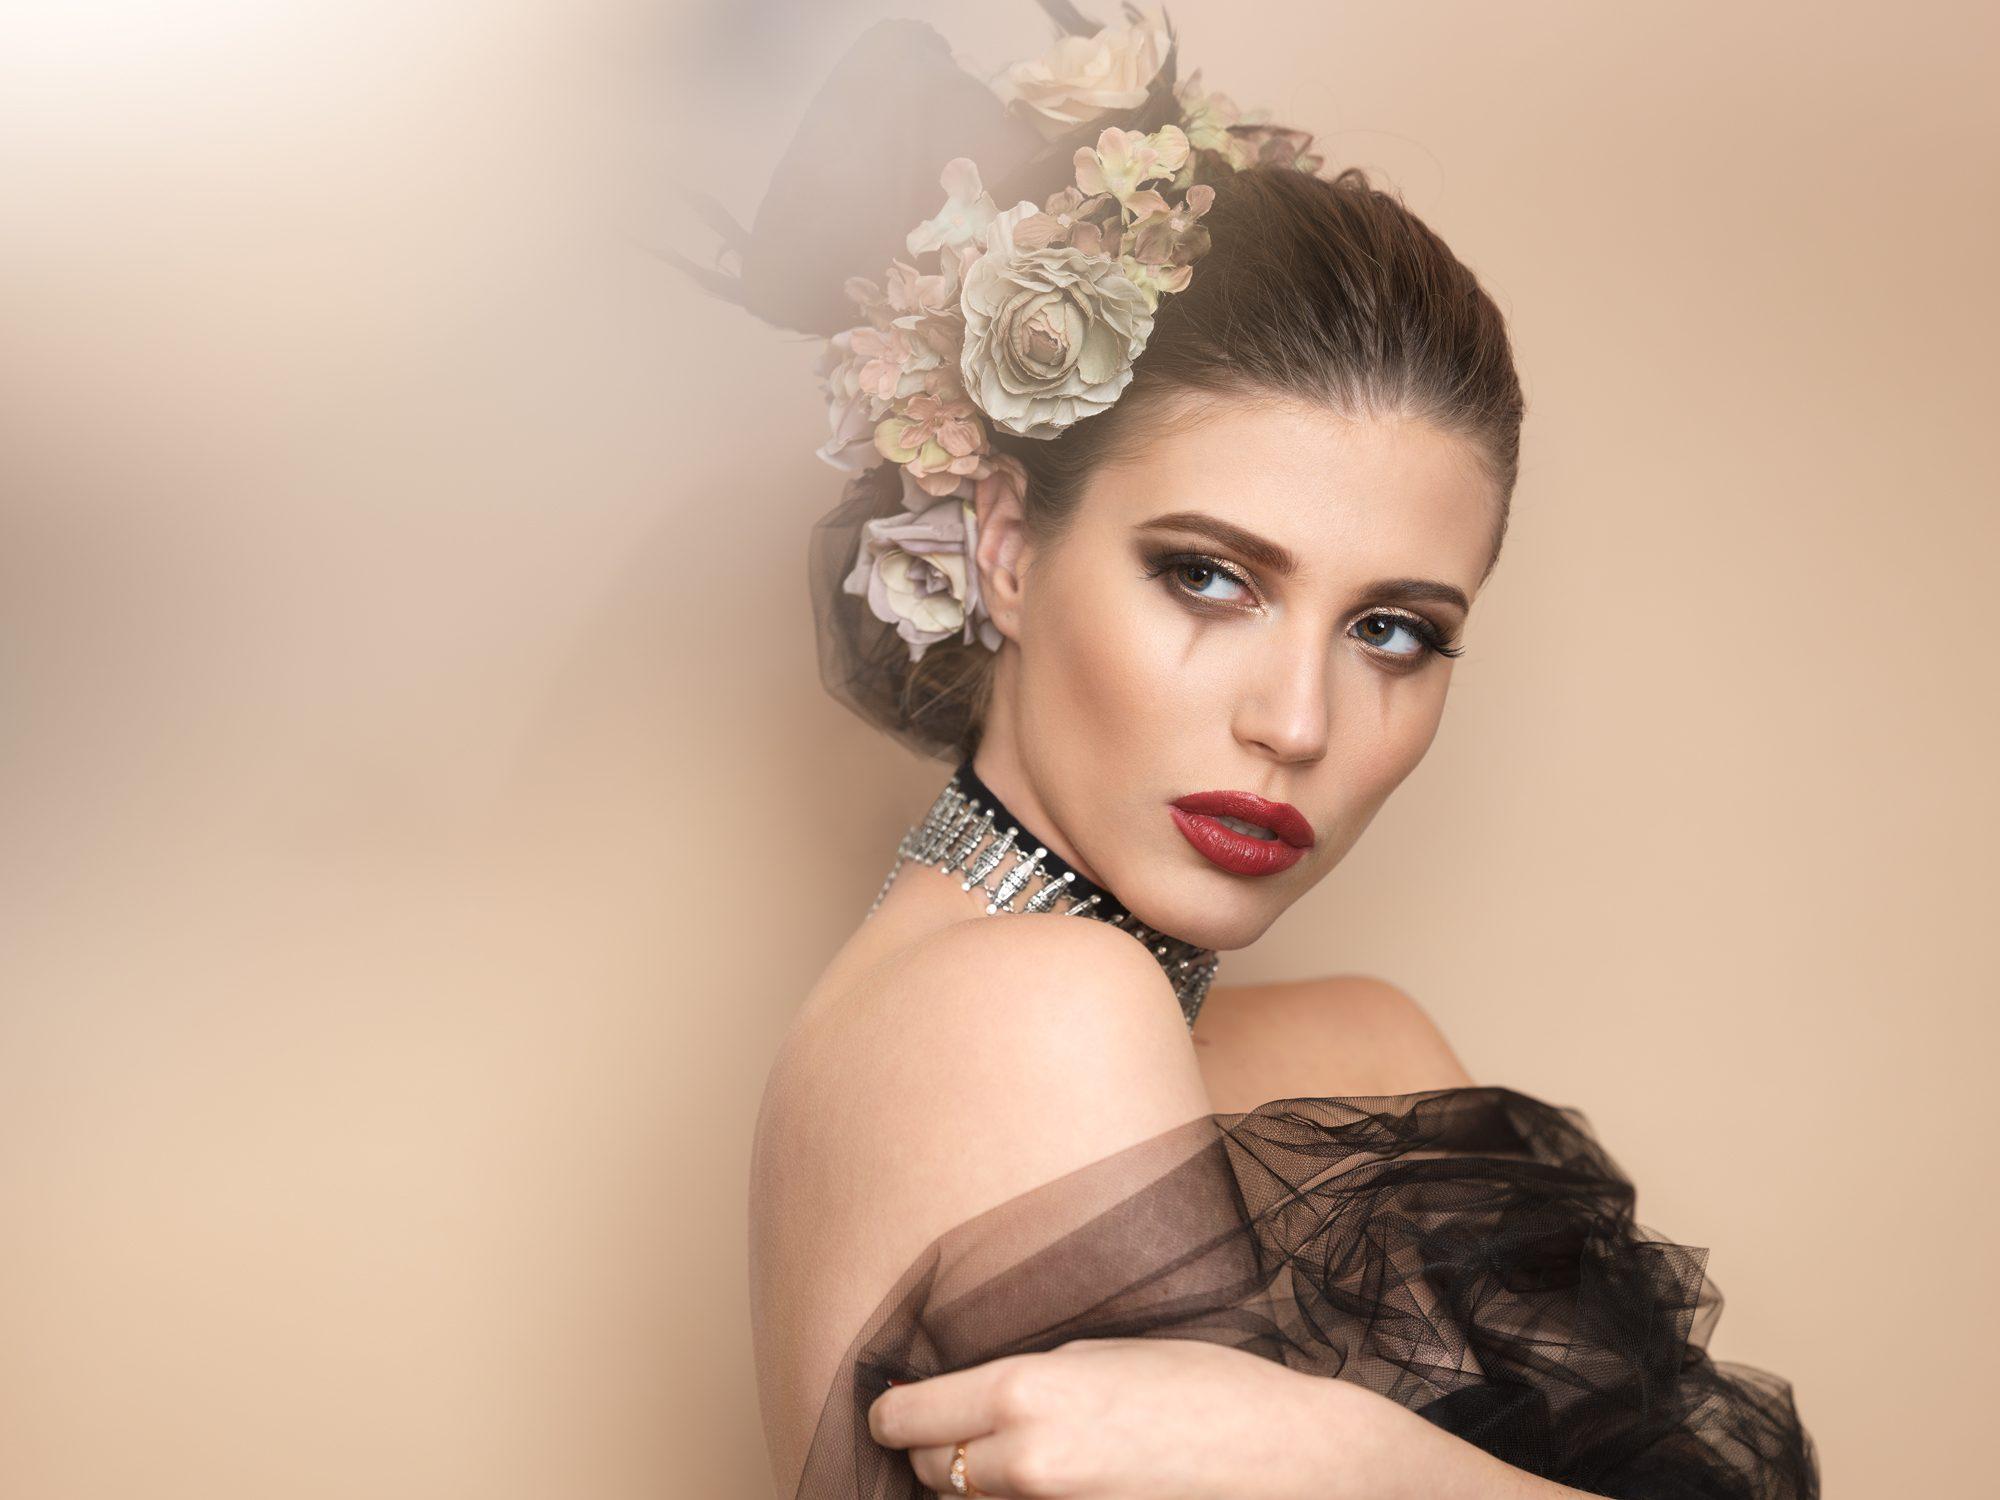 profesional makeup montreal, MUA Montreal, Montreal makeup artist, beauty makeup